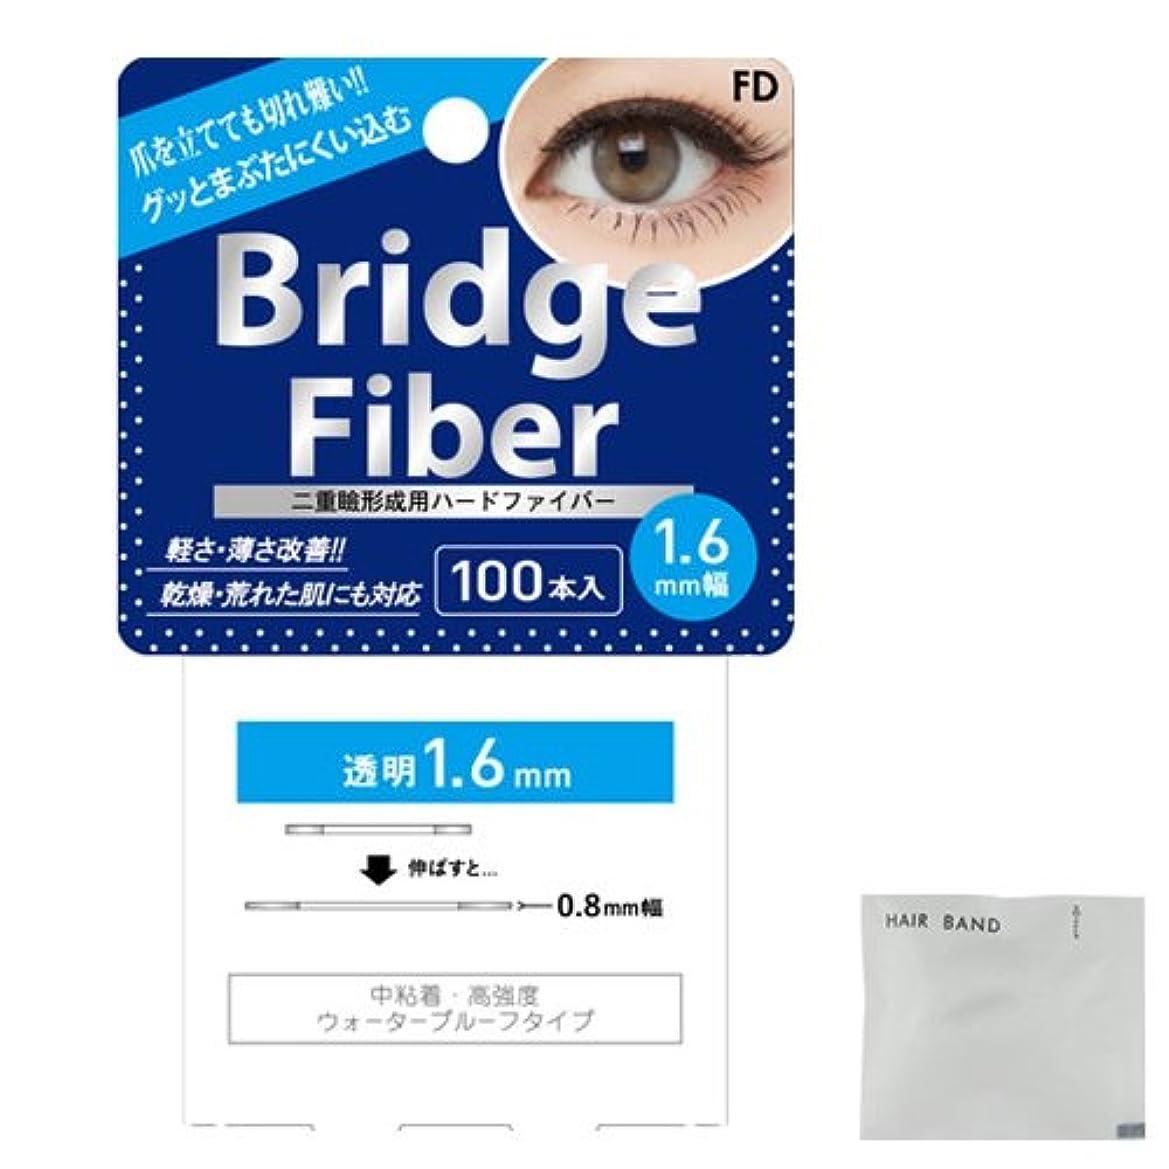 支配的サーマルローブFD ブリッジファイバーⅡ (Bridge Fiber) クリア1.6mm + ヘアゴム(カラーはおまかせ)セット